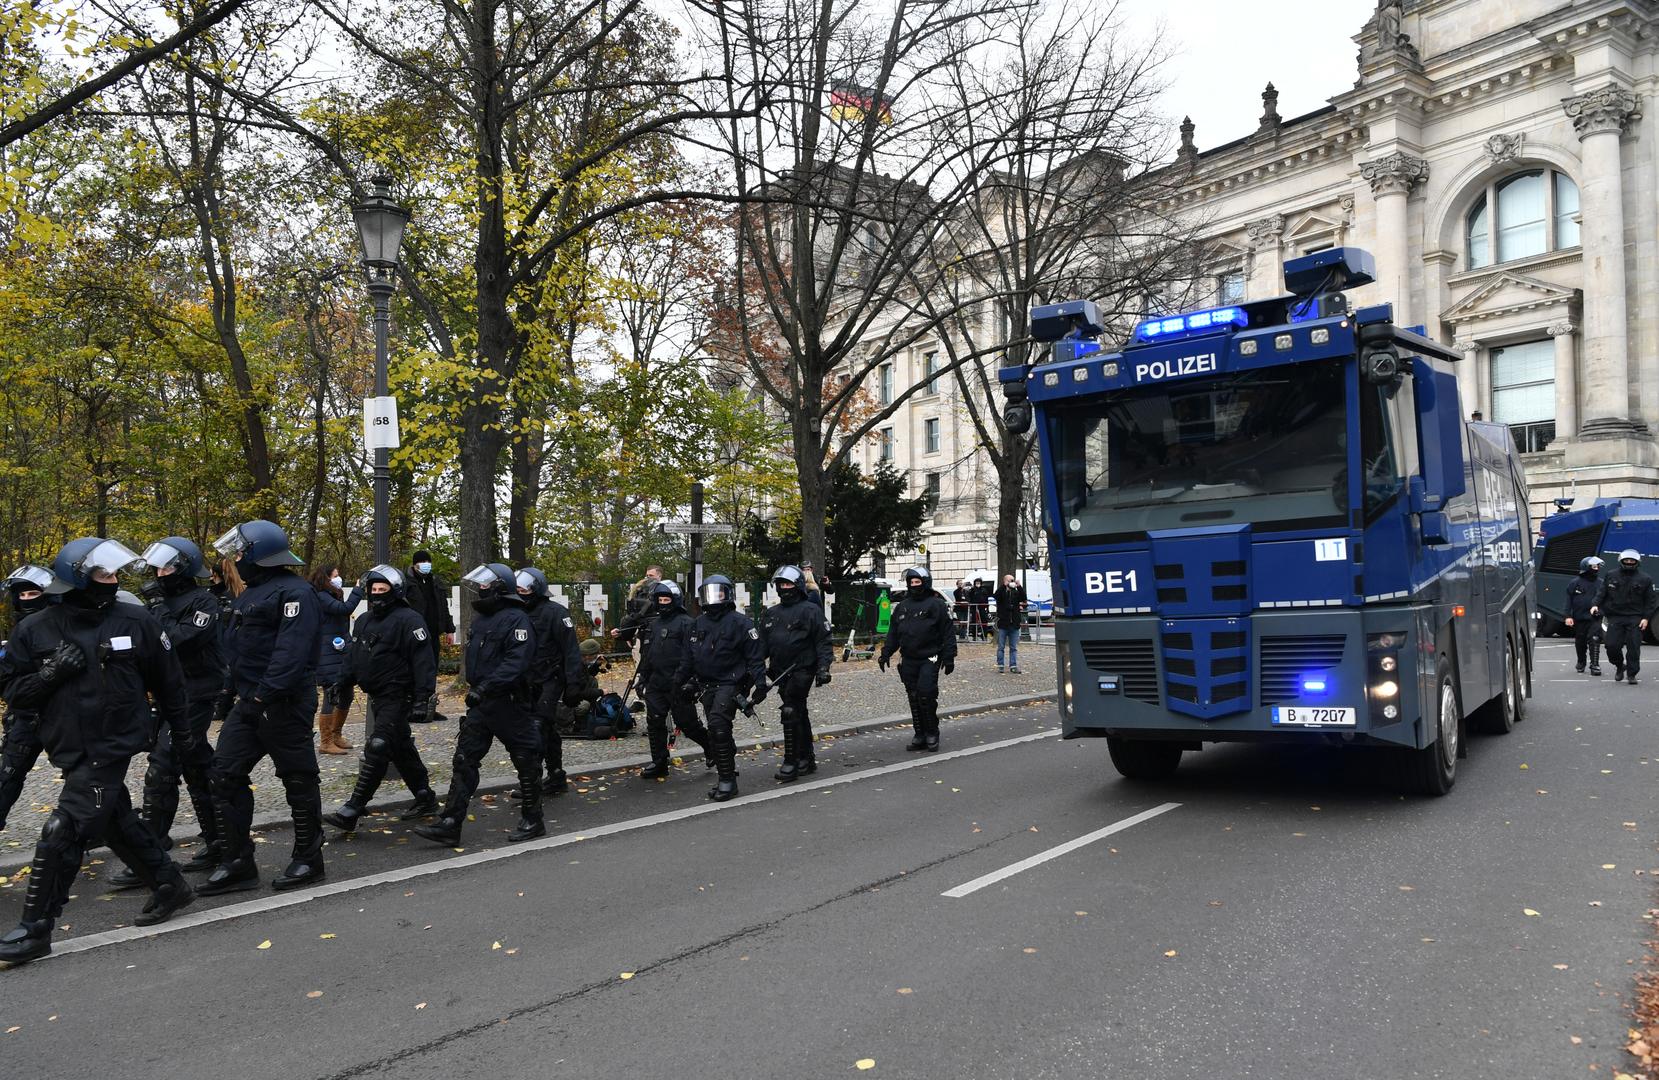 Bei einer Demonstration gegen die Corona-Beschränkungen der Bundesregierung fahren Wasserwerfer der Polizei zwischen Brandenburger Tor und Reichstagsgebäude vor, 18. November 2020.